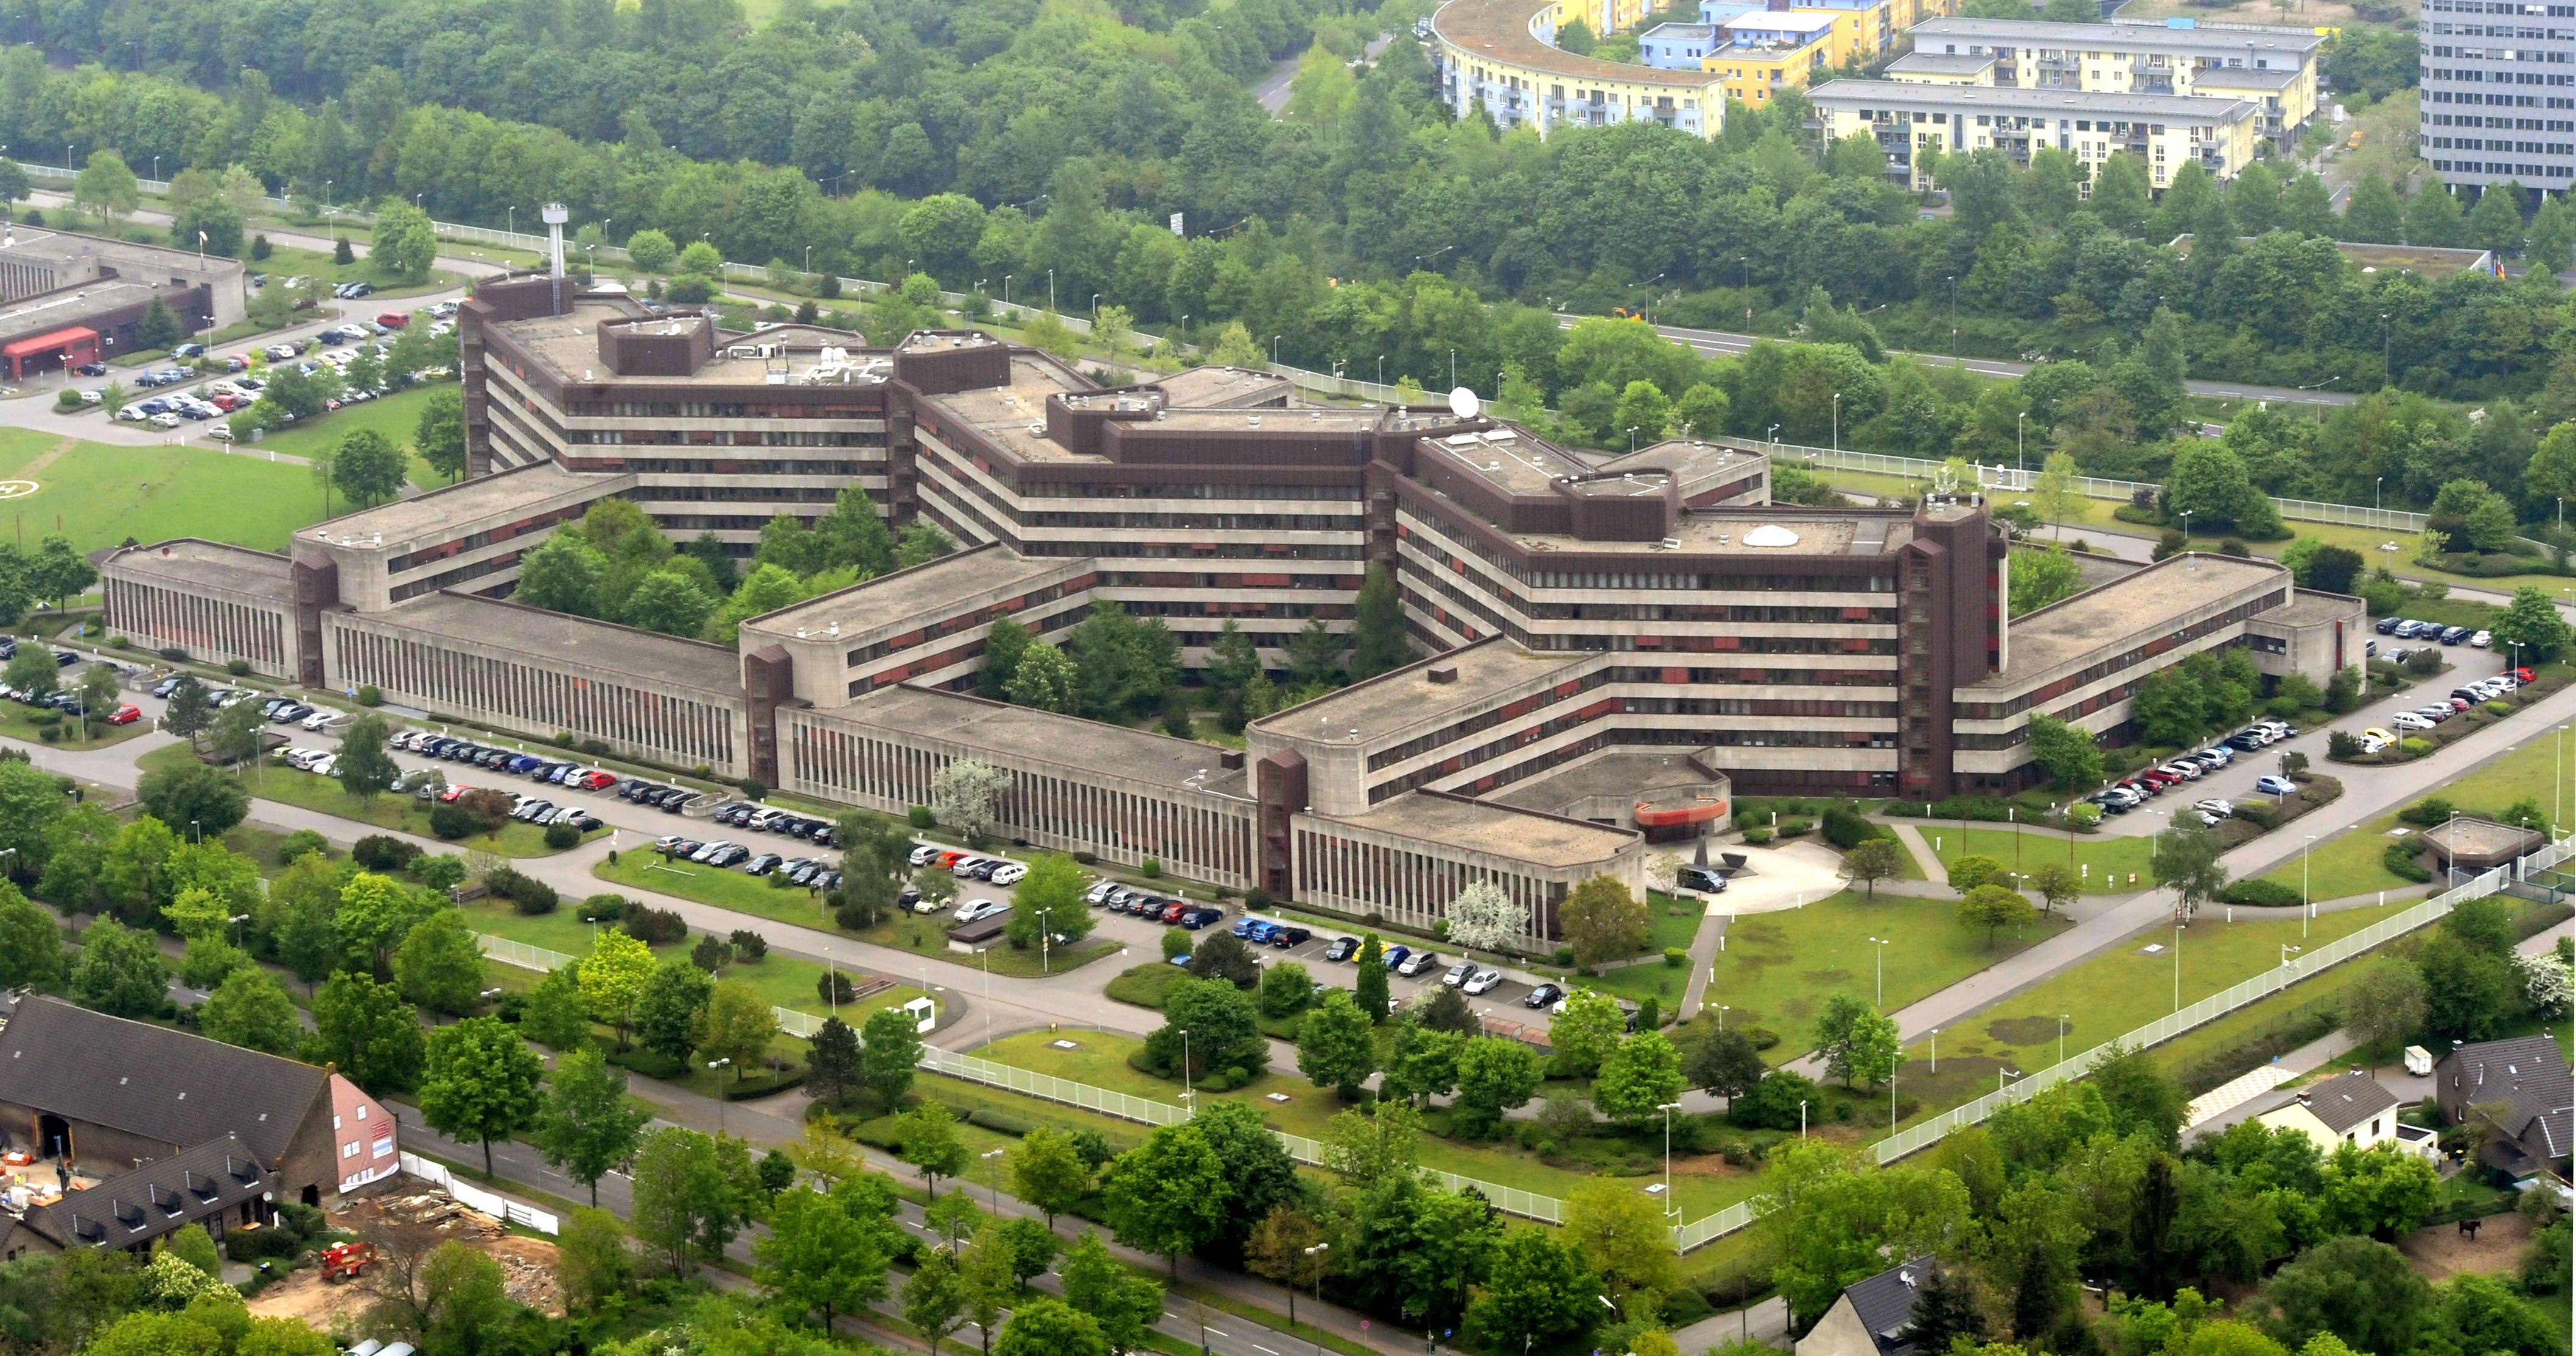 Dienstgebäude des Bundesamtes für Verfassungsschutz in Köln